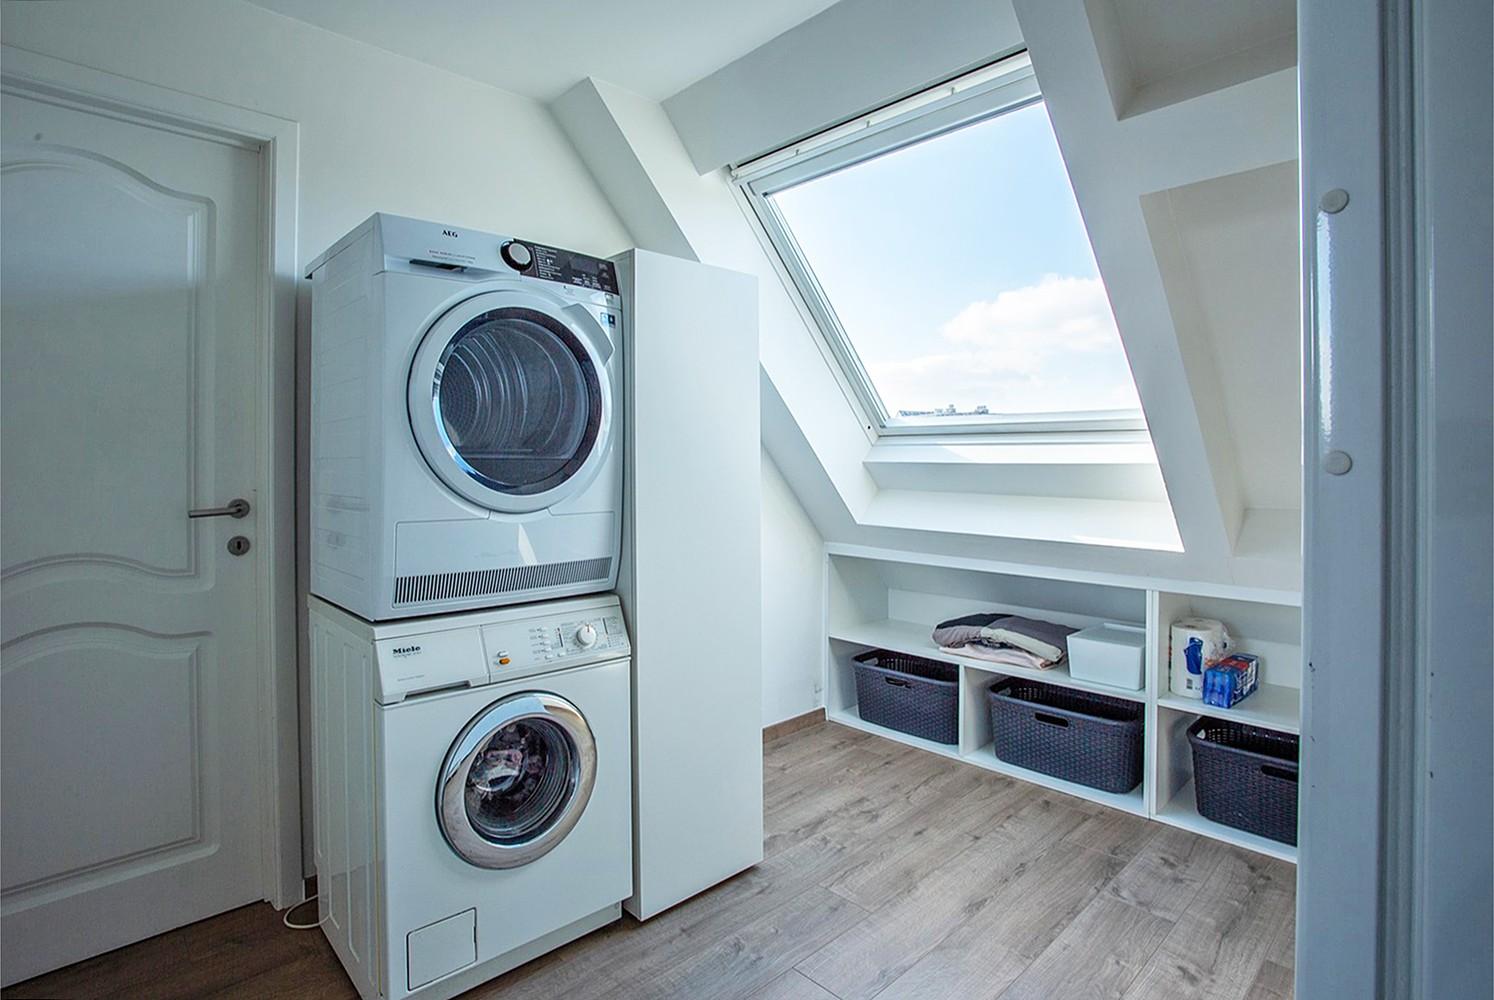 Verrassend ruim, lichtrijk appartement met 3 slaapkamers in hartje Broechem! afbeelding 8